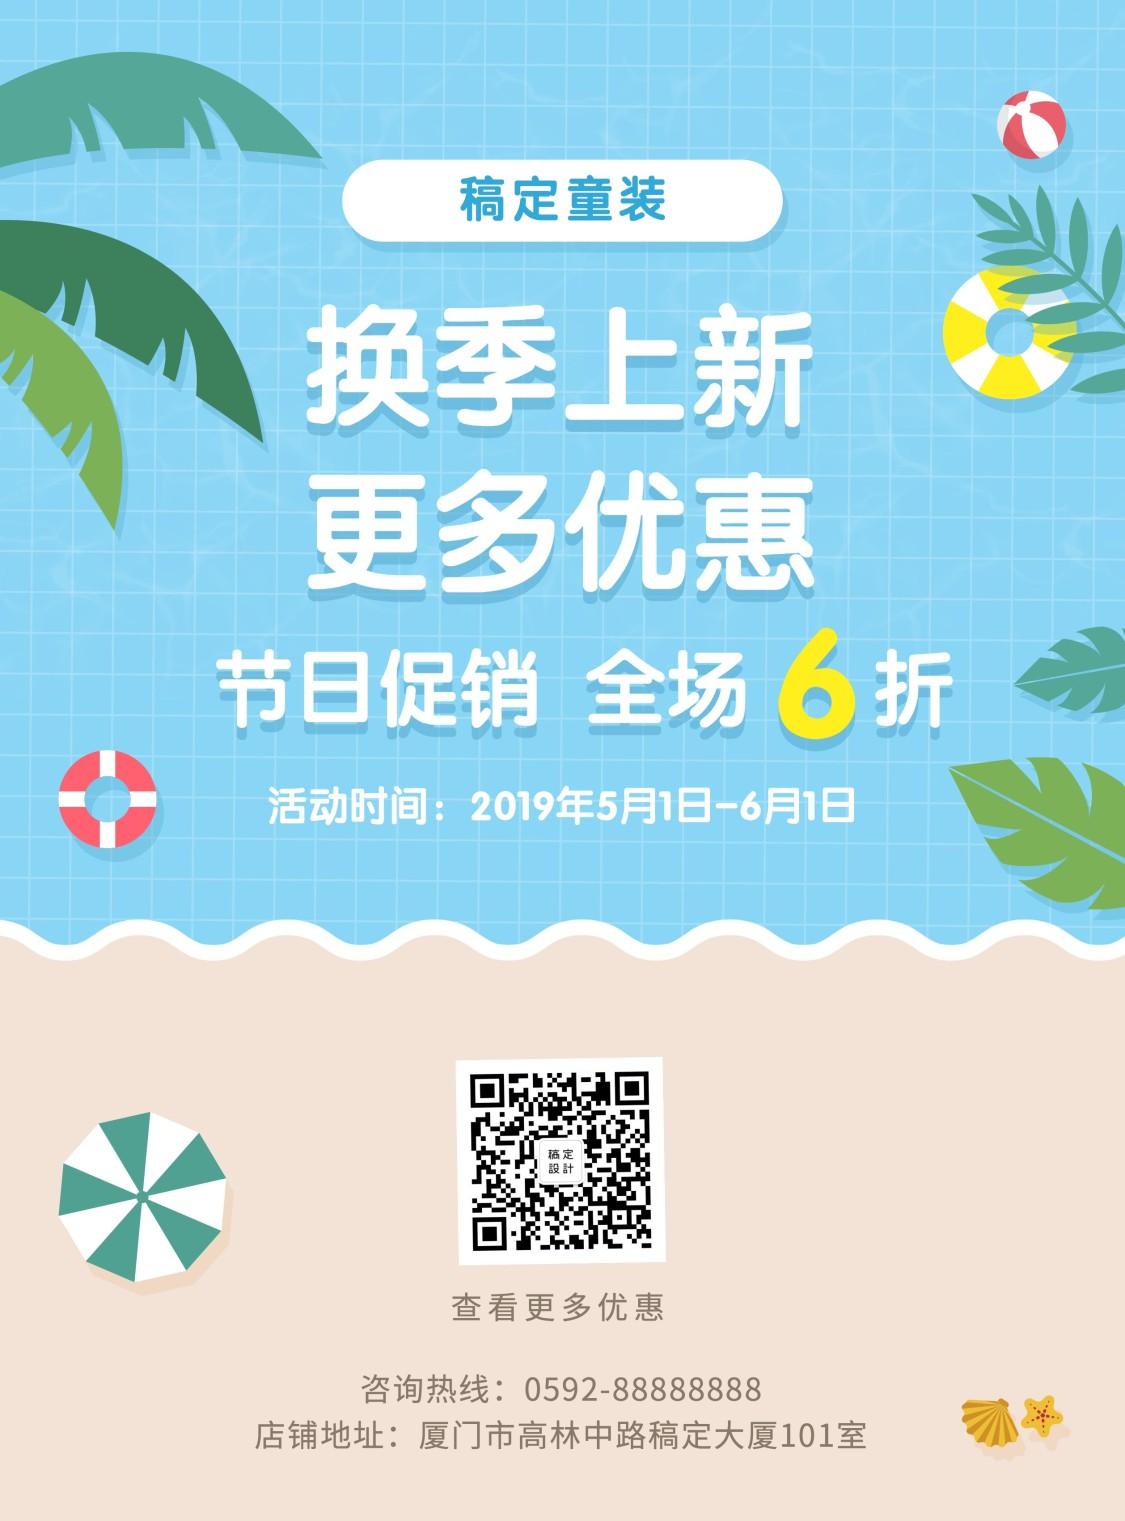 夏天/换季促销/张贴海报